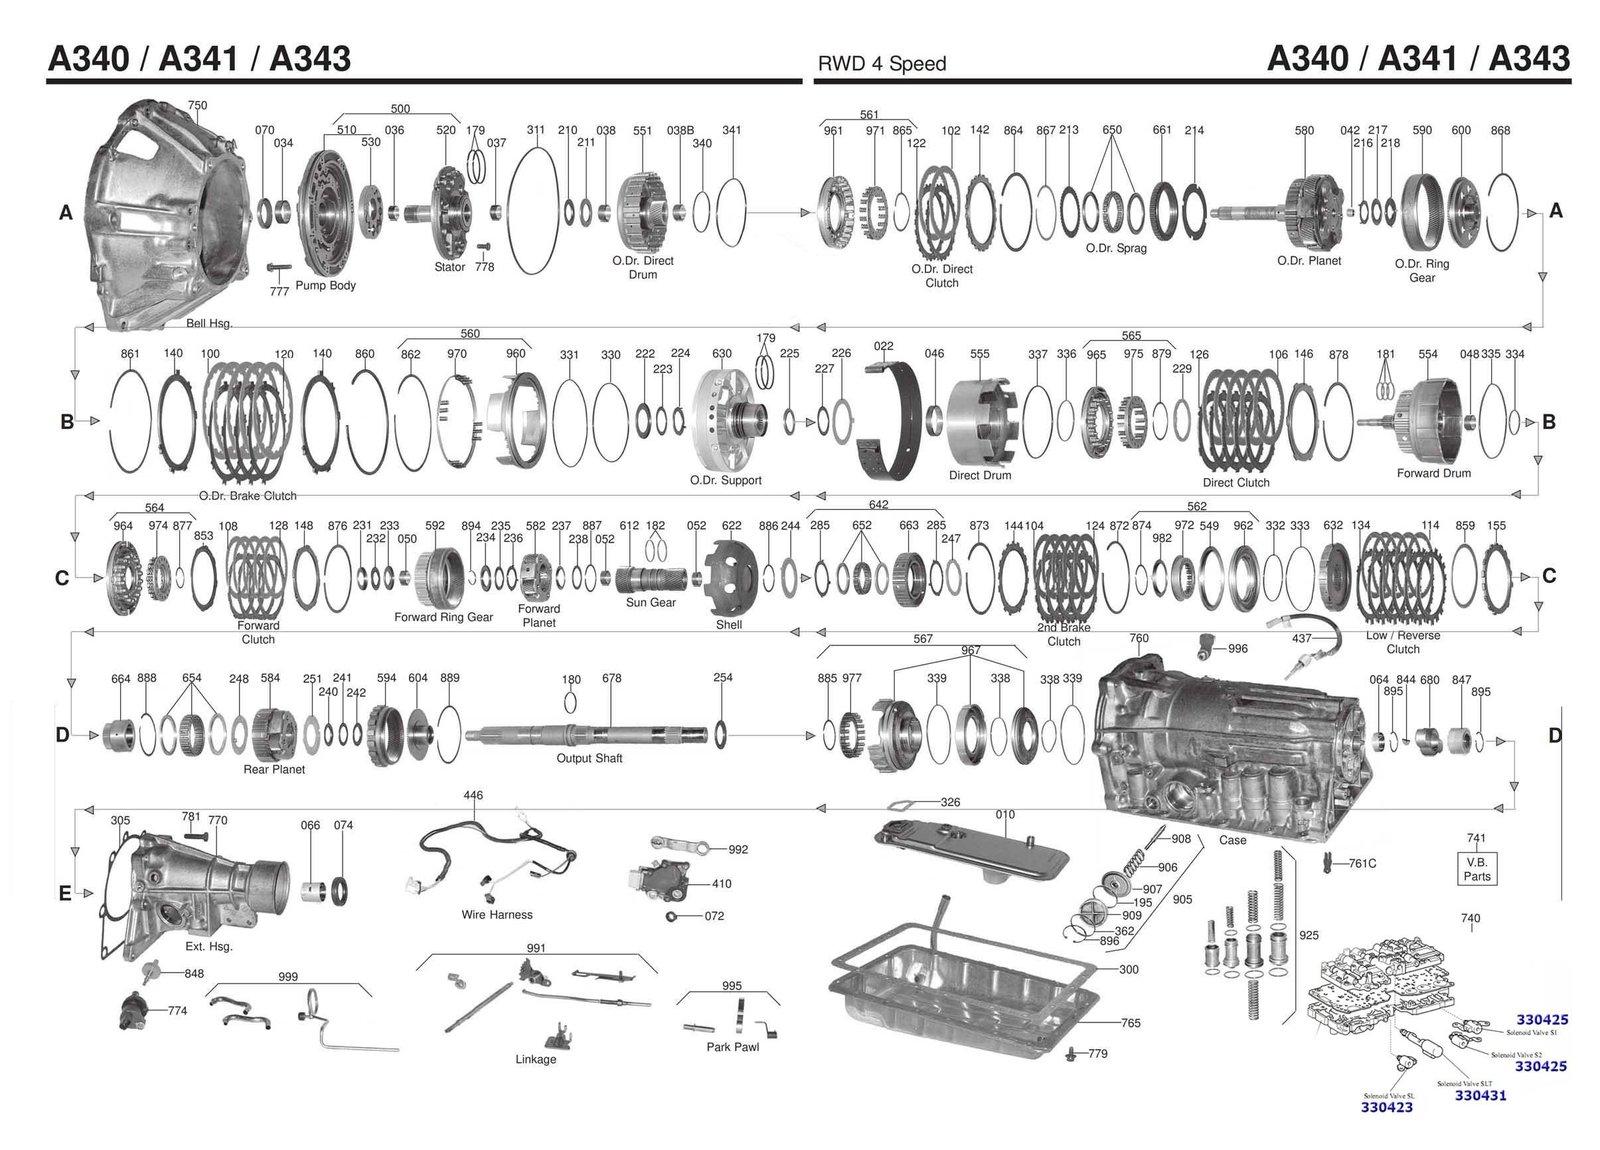 A340 Valve body